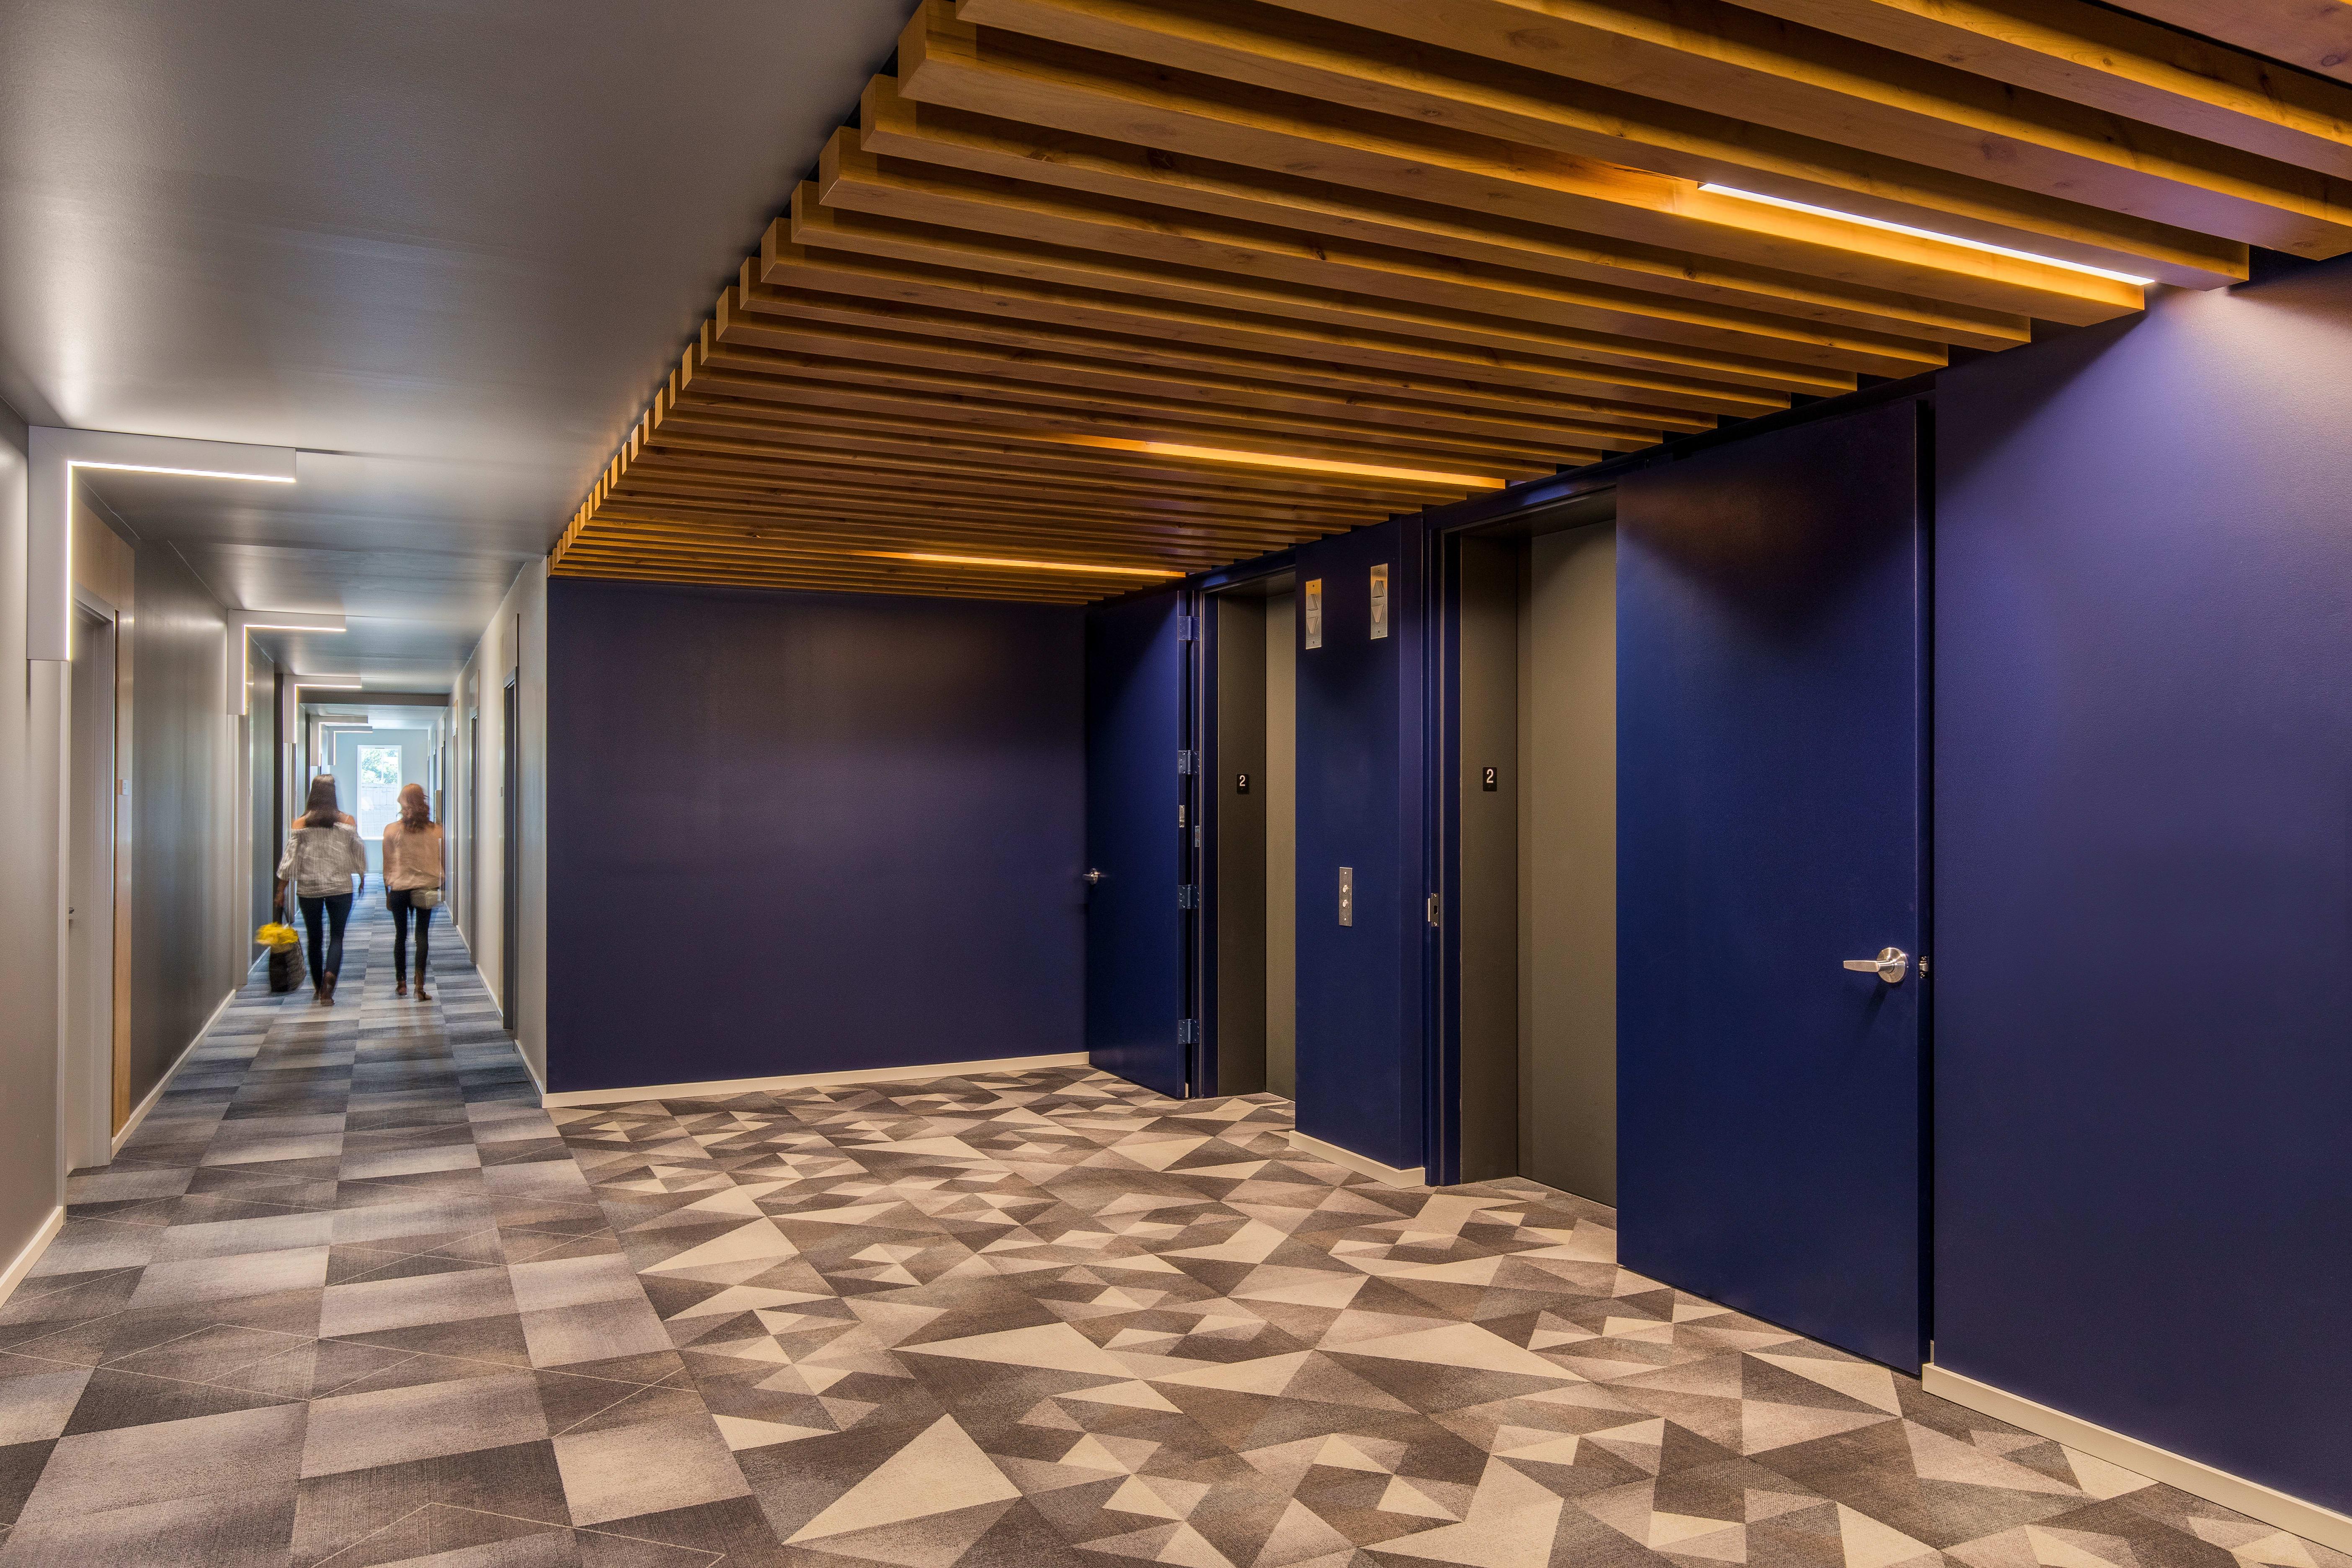 Large hallway at Grant Park Village in Portland, Oregon